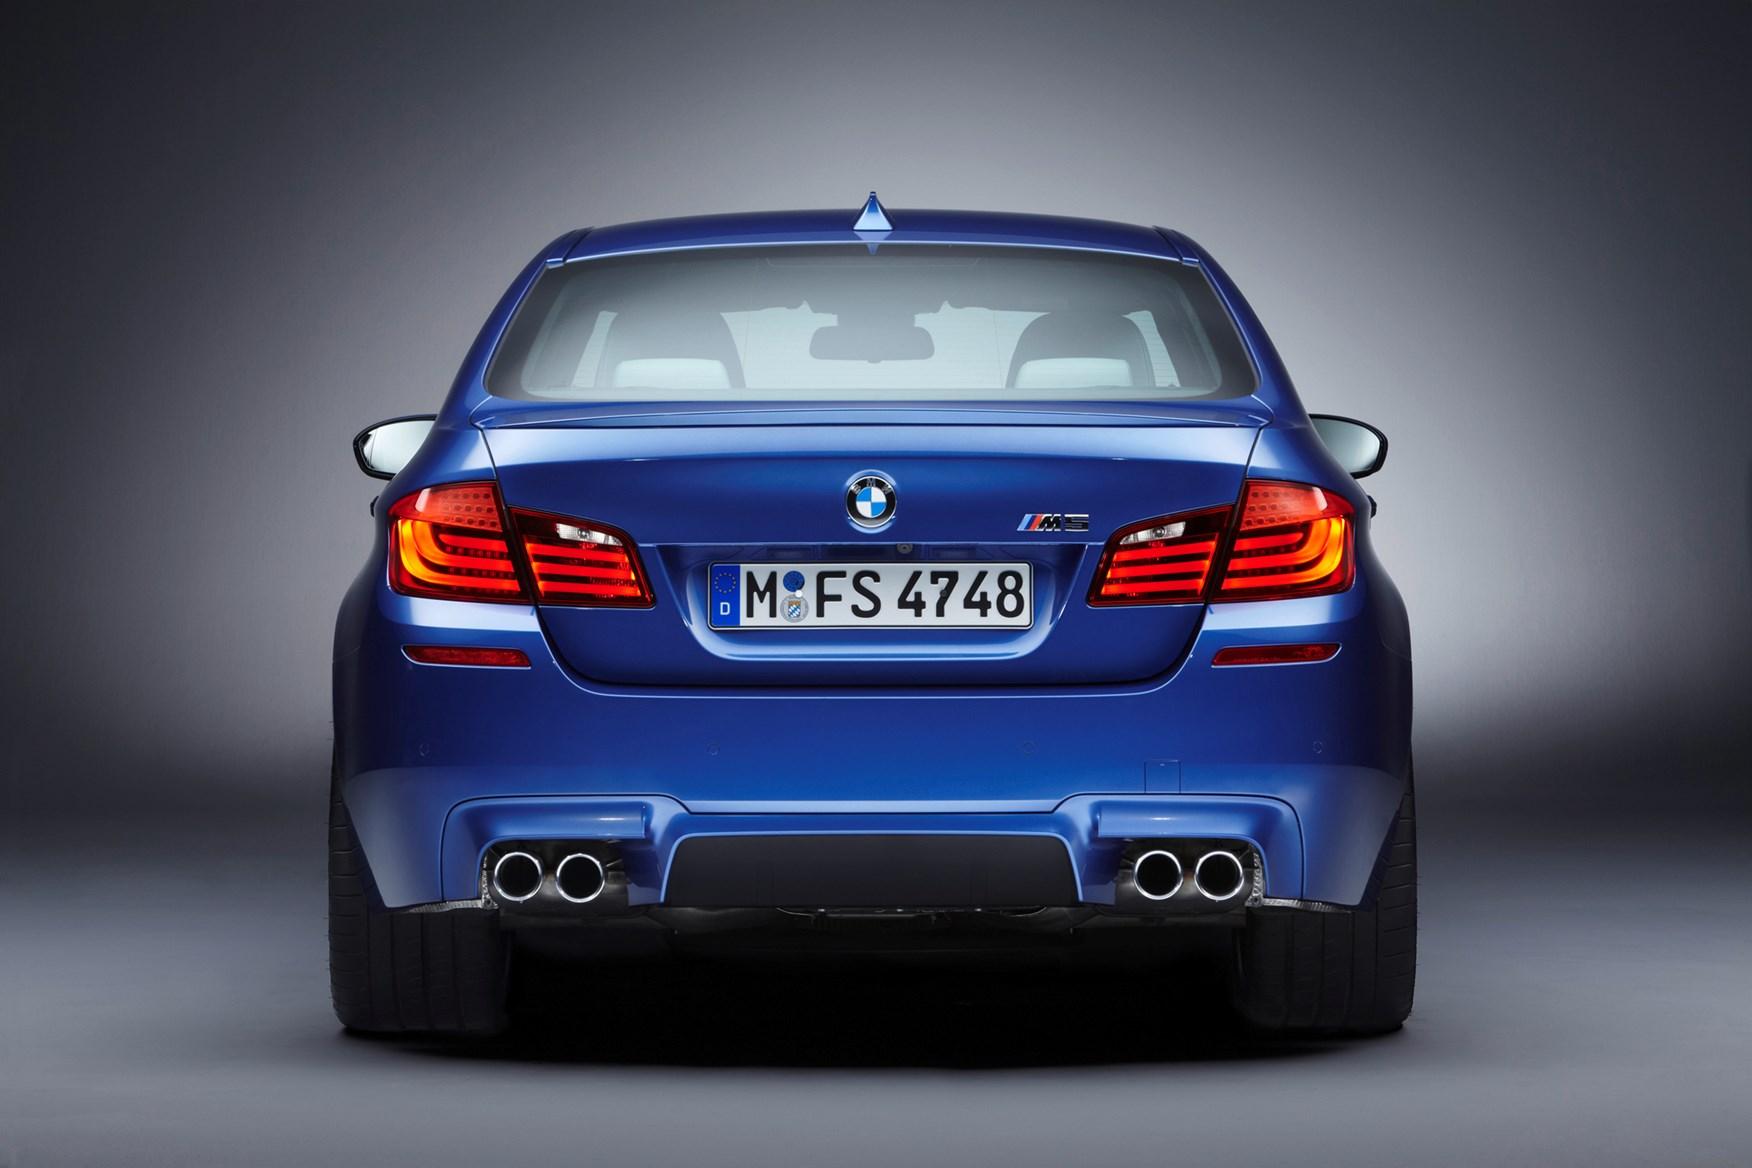 BMW-M5-F10-6.jpg